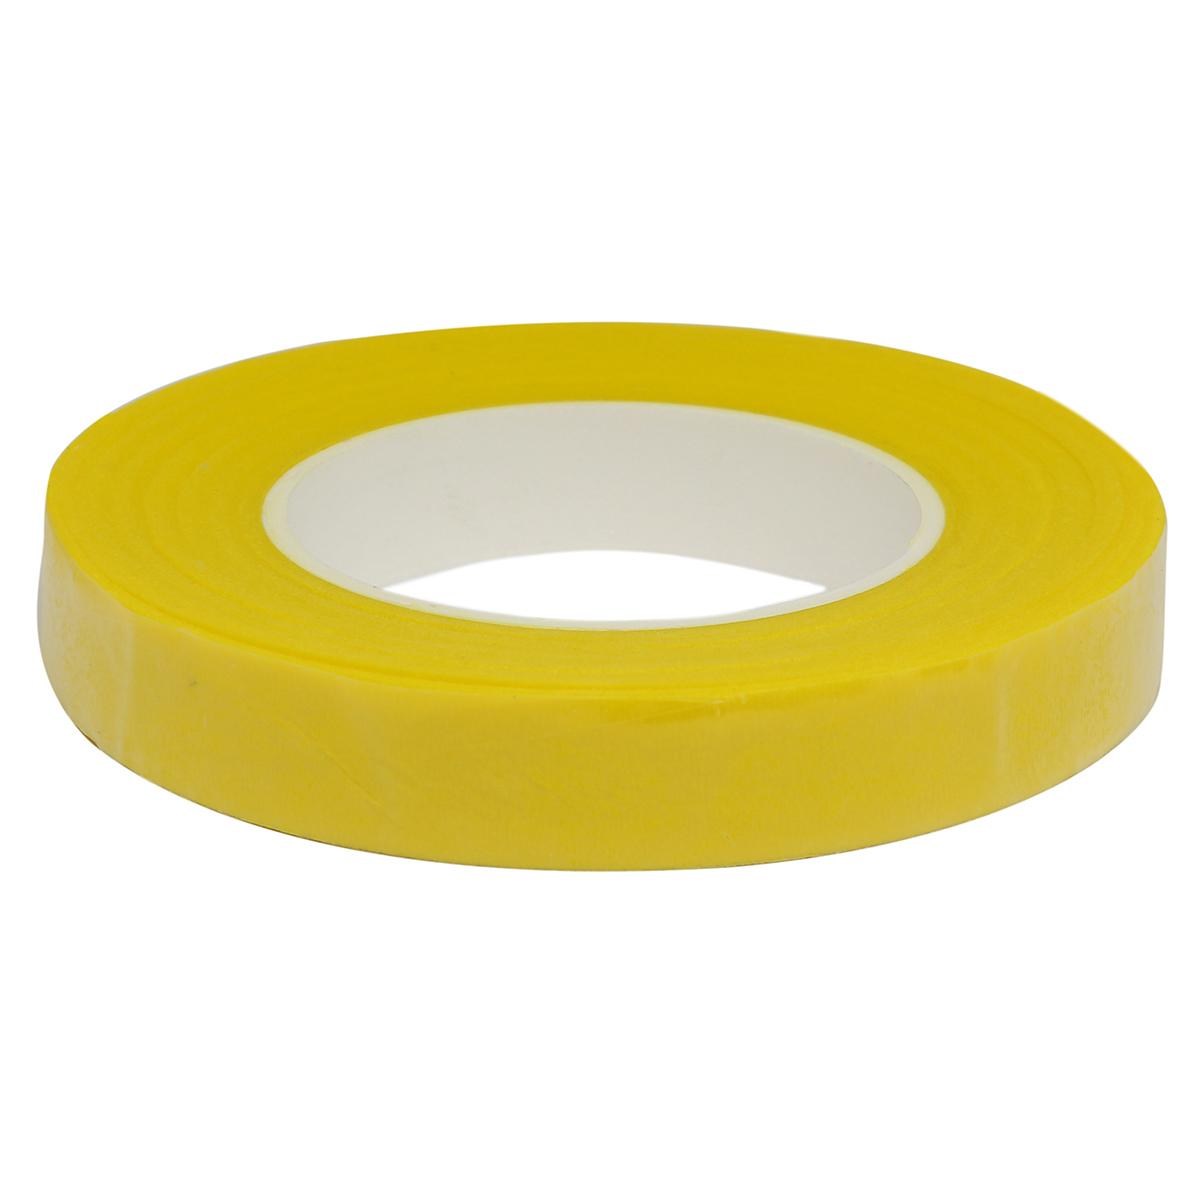 AS22-01, Тейп лента для флористики, длина 30 ярдом, 2 бобины/упак